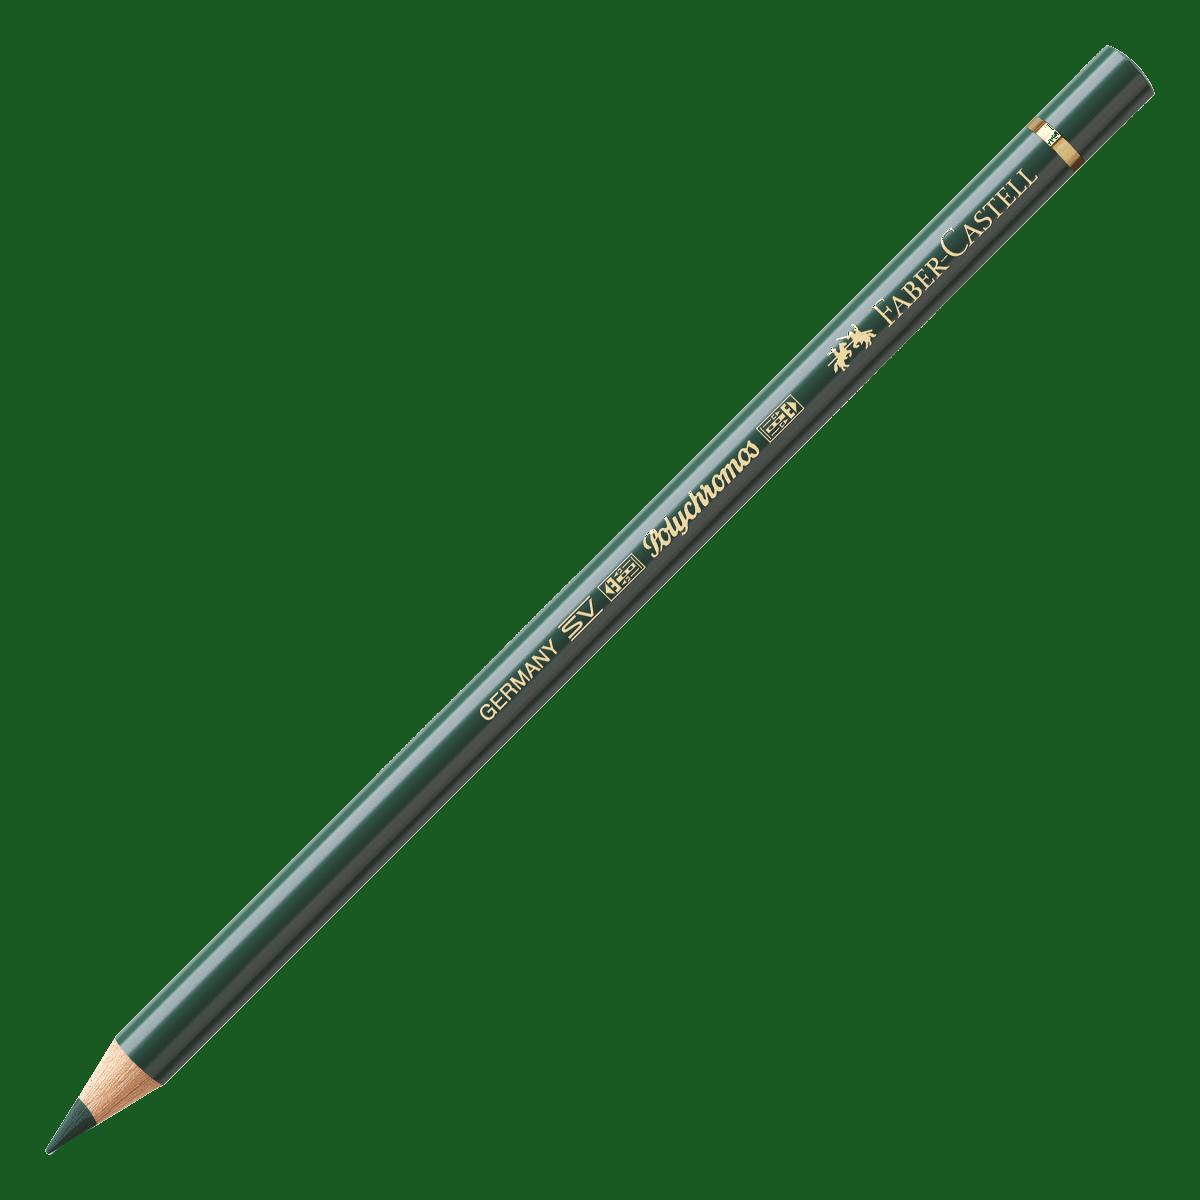 Kredka Polychromos 165 zieleń jałowcowa, Faber-Castell